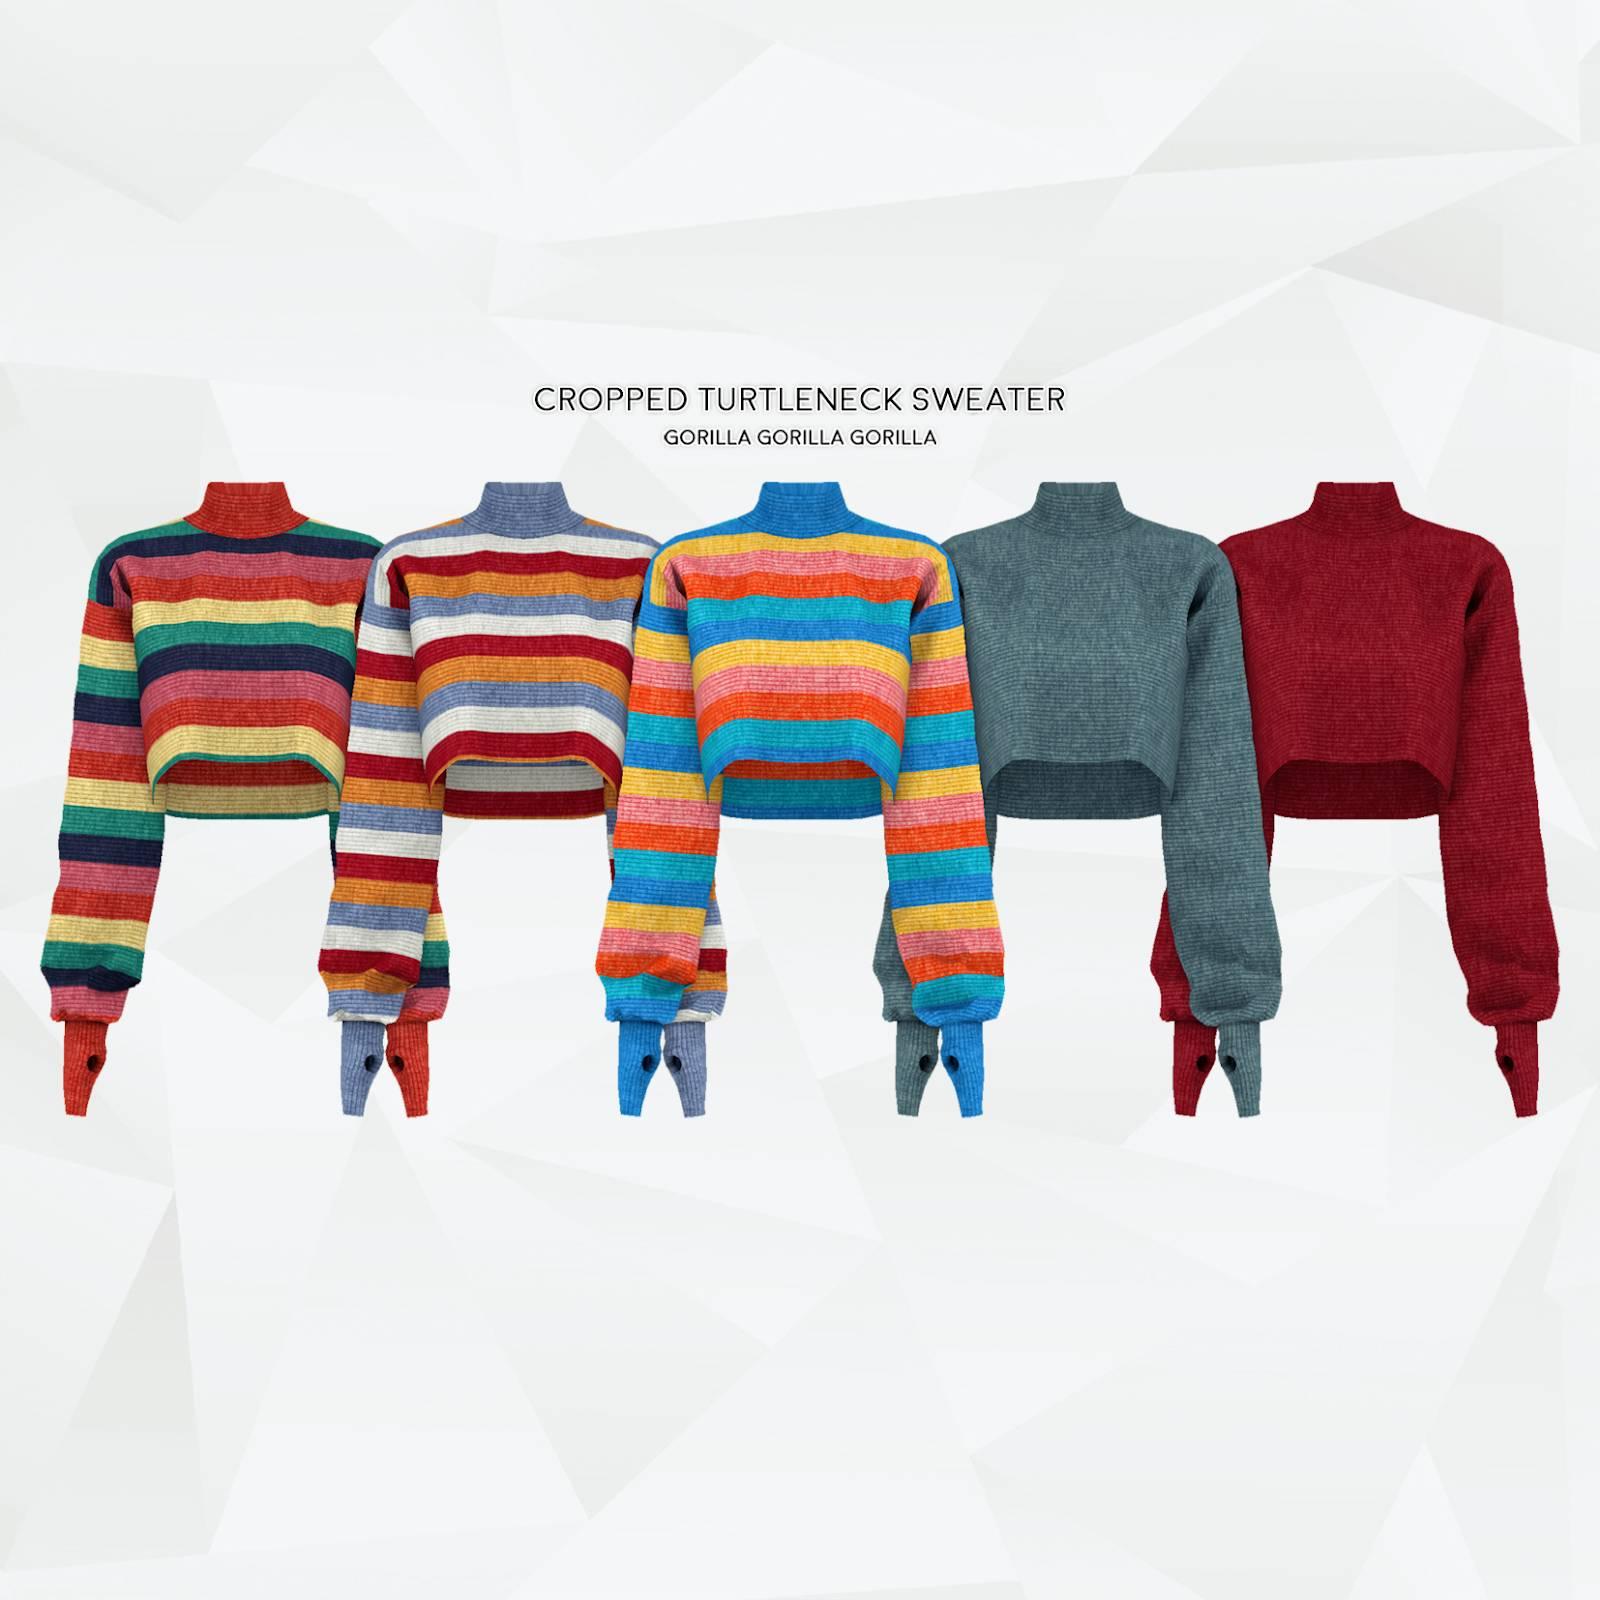 Свитер - Cropped Turtleneck Sweater 2